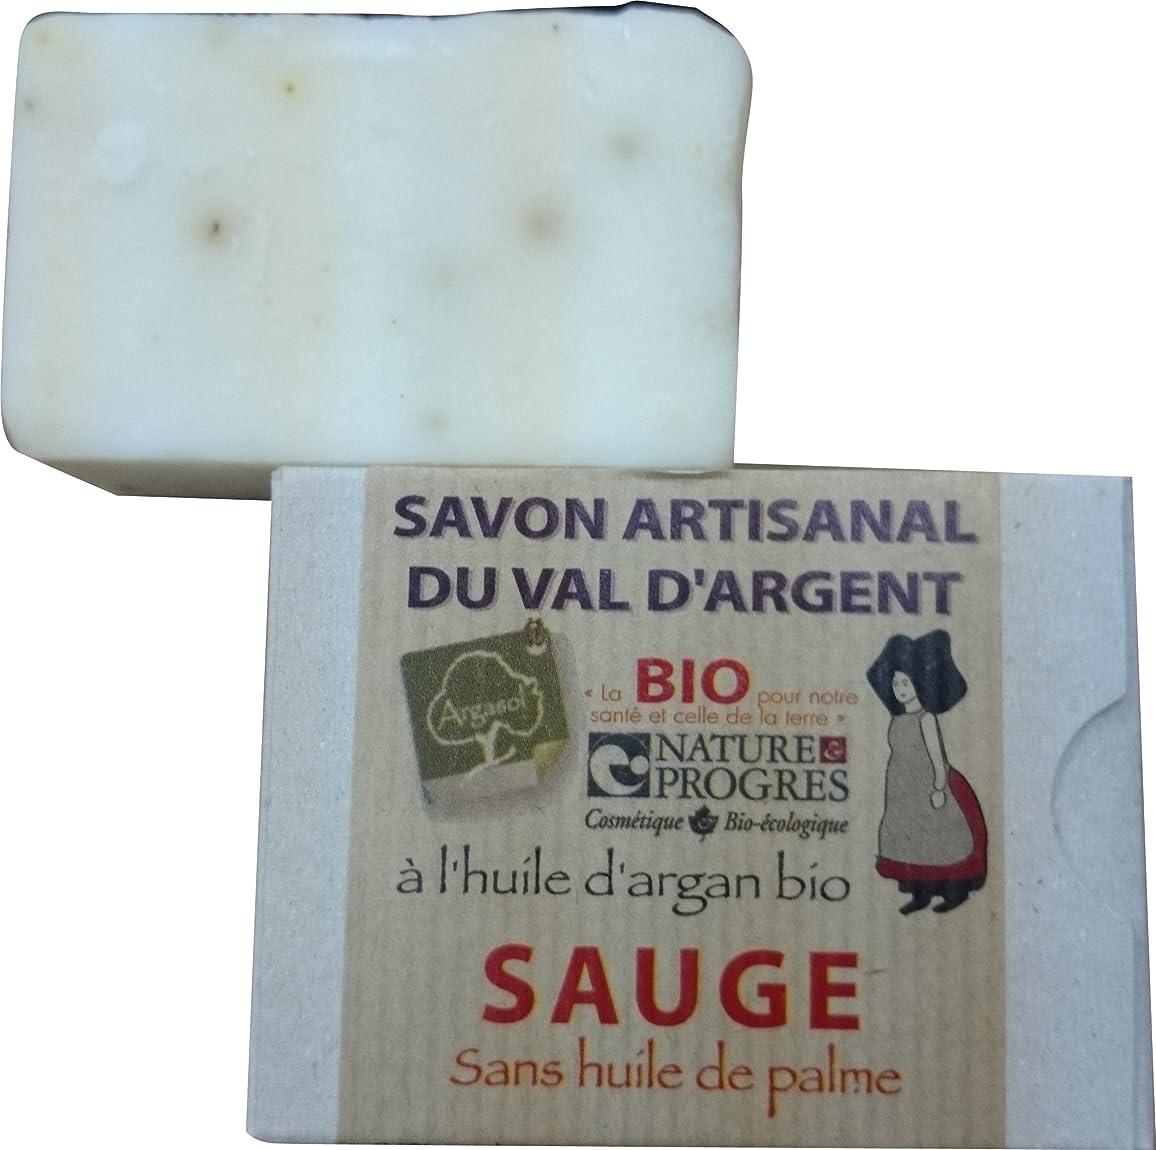 悪魔操る押すサボン アルガソル(SAVON ARGASOL) セージ